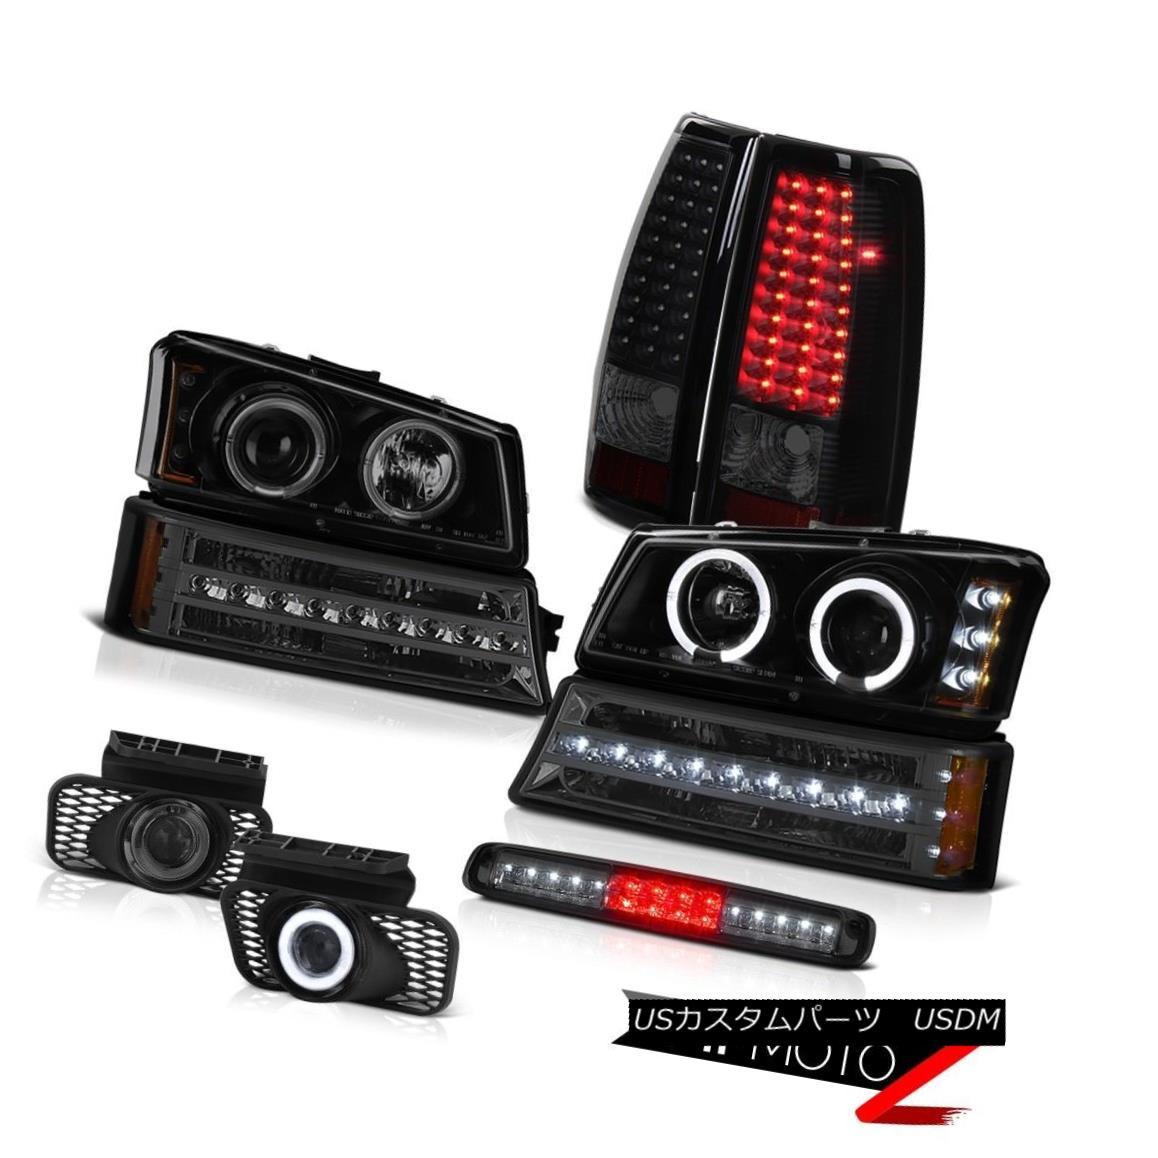 ヘッドライト 03-06 Silverado 3500Hd Third Brake Lamp Fog Lights Bumper Light Rear Headlights 03-06 Silverado 3500Hd第3ブレーキランプフォグライトバンパーライトリアライト